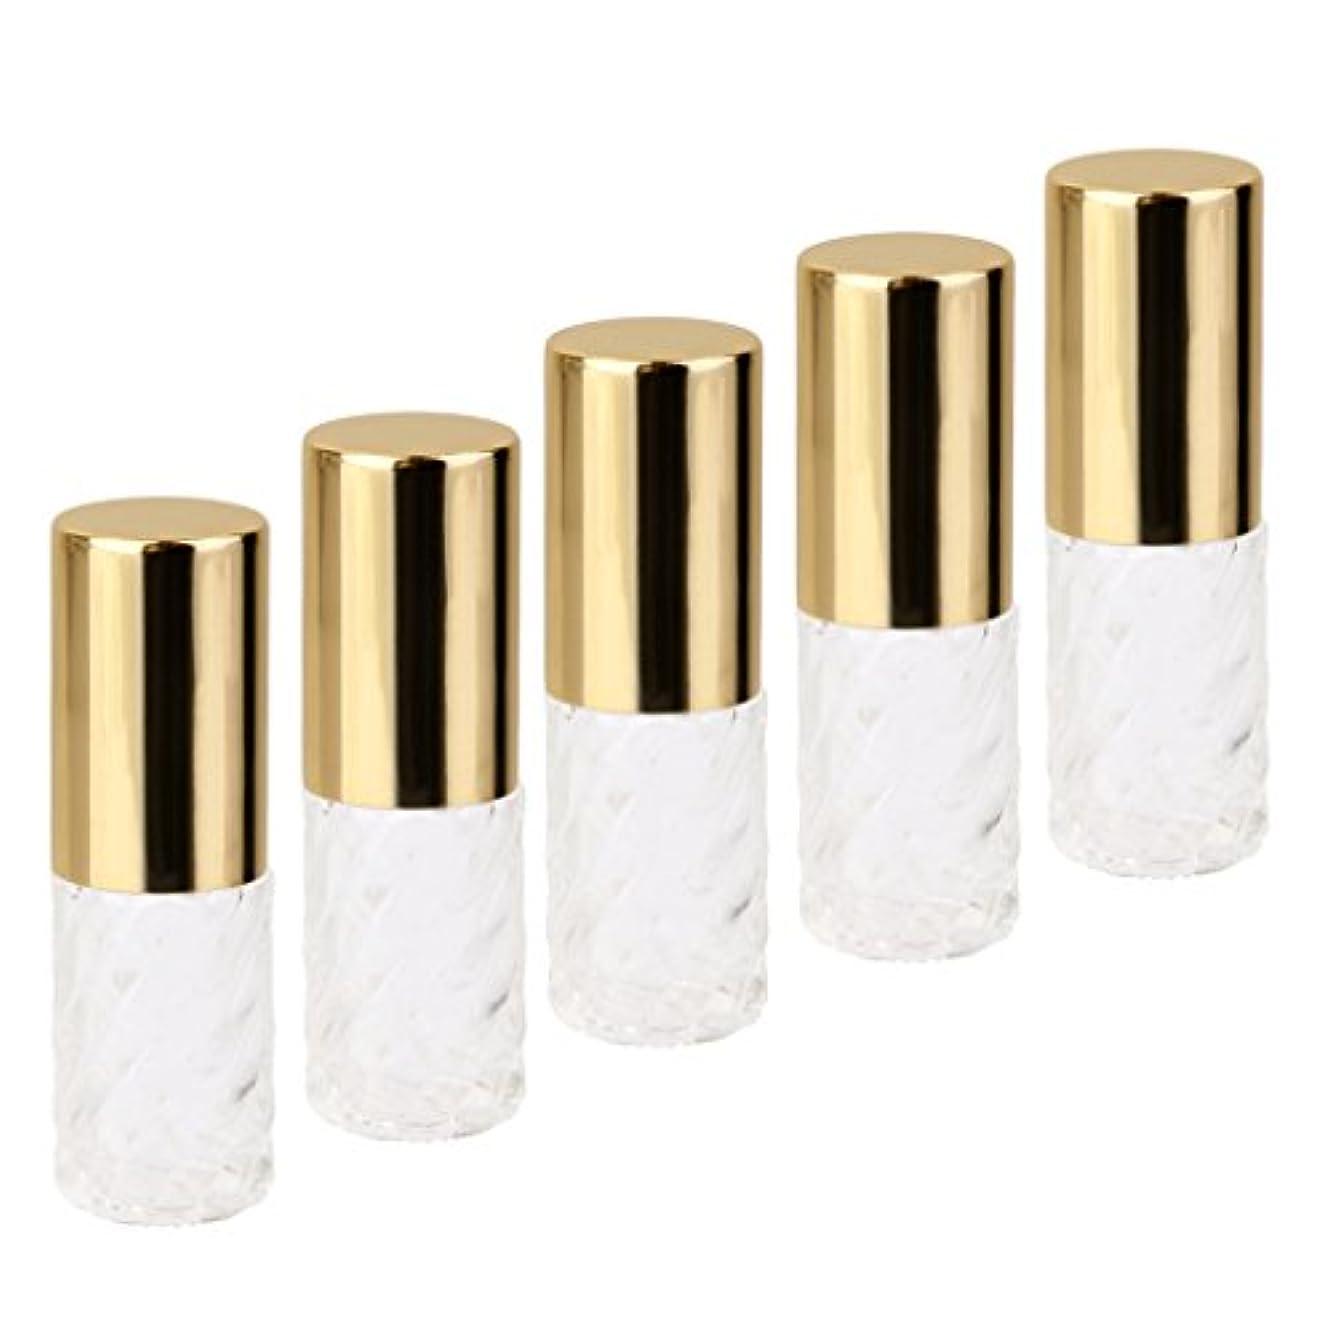 を必要としています指定雰囲気【ノーブランド 品】クリニーク 透明 交換 旅行 空 ロールオン ガラス 香水瓶 容器 男性 女性 5ml